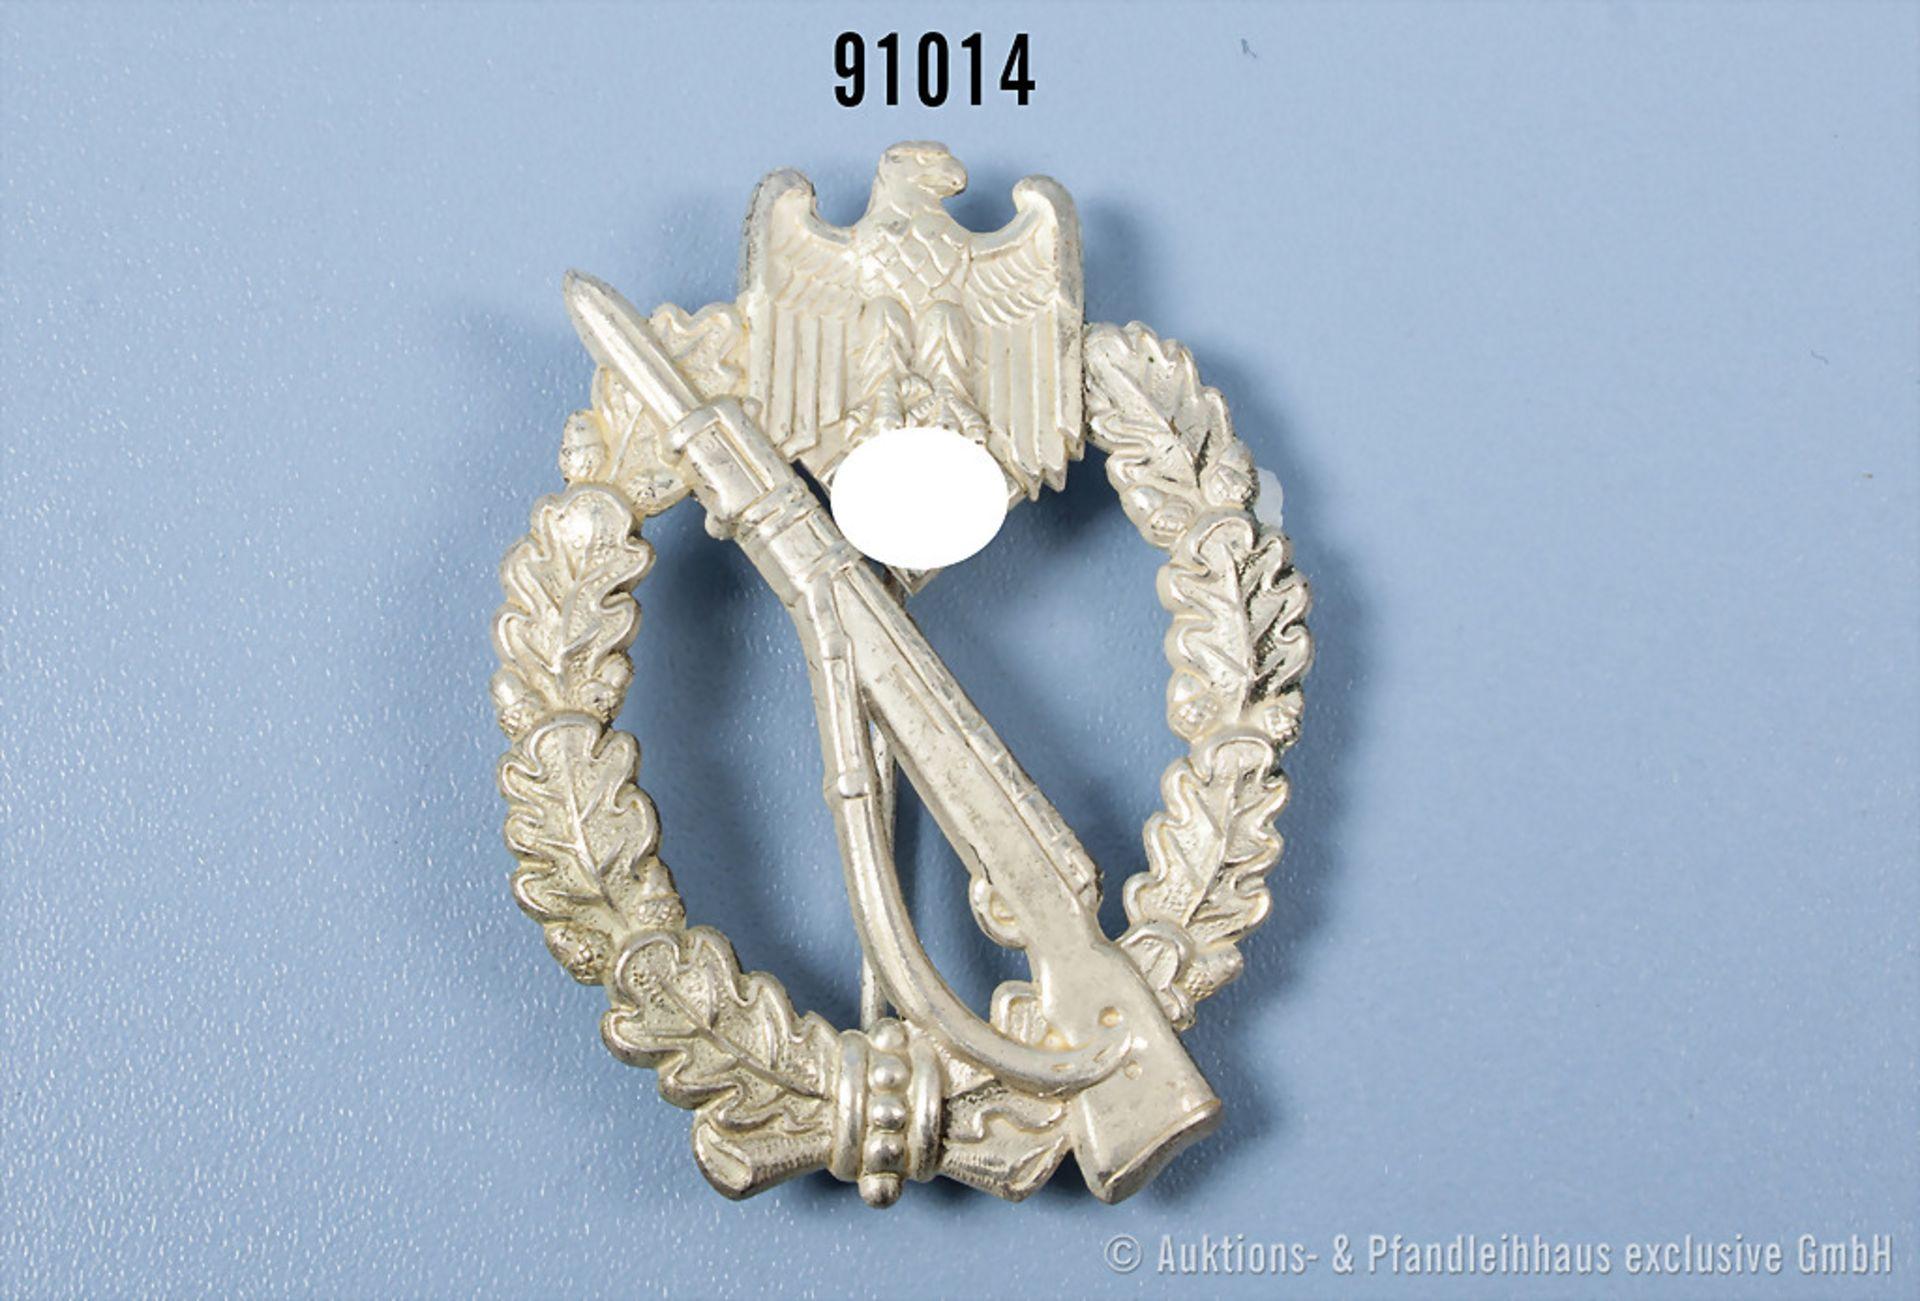 Infanterie-Sturmabzeichen in Silber, hohle Buntmetallausf., guter Zustand